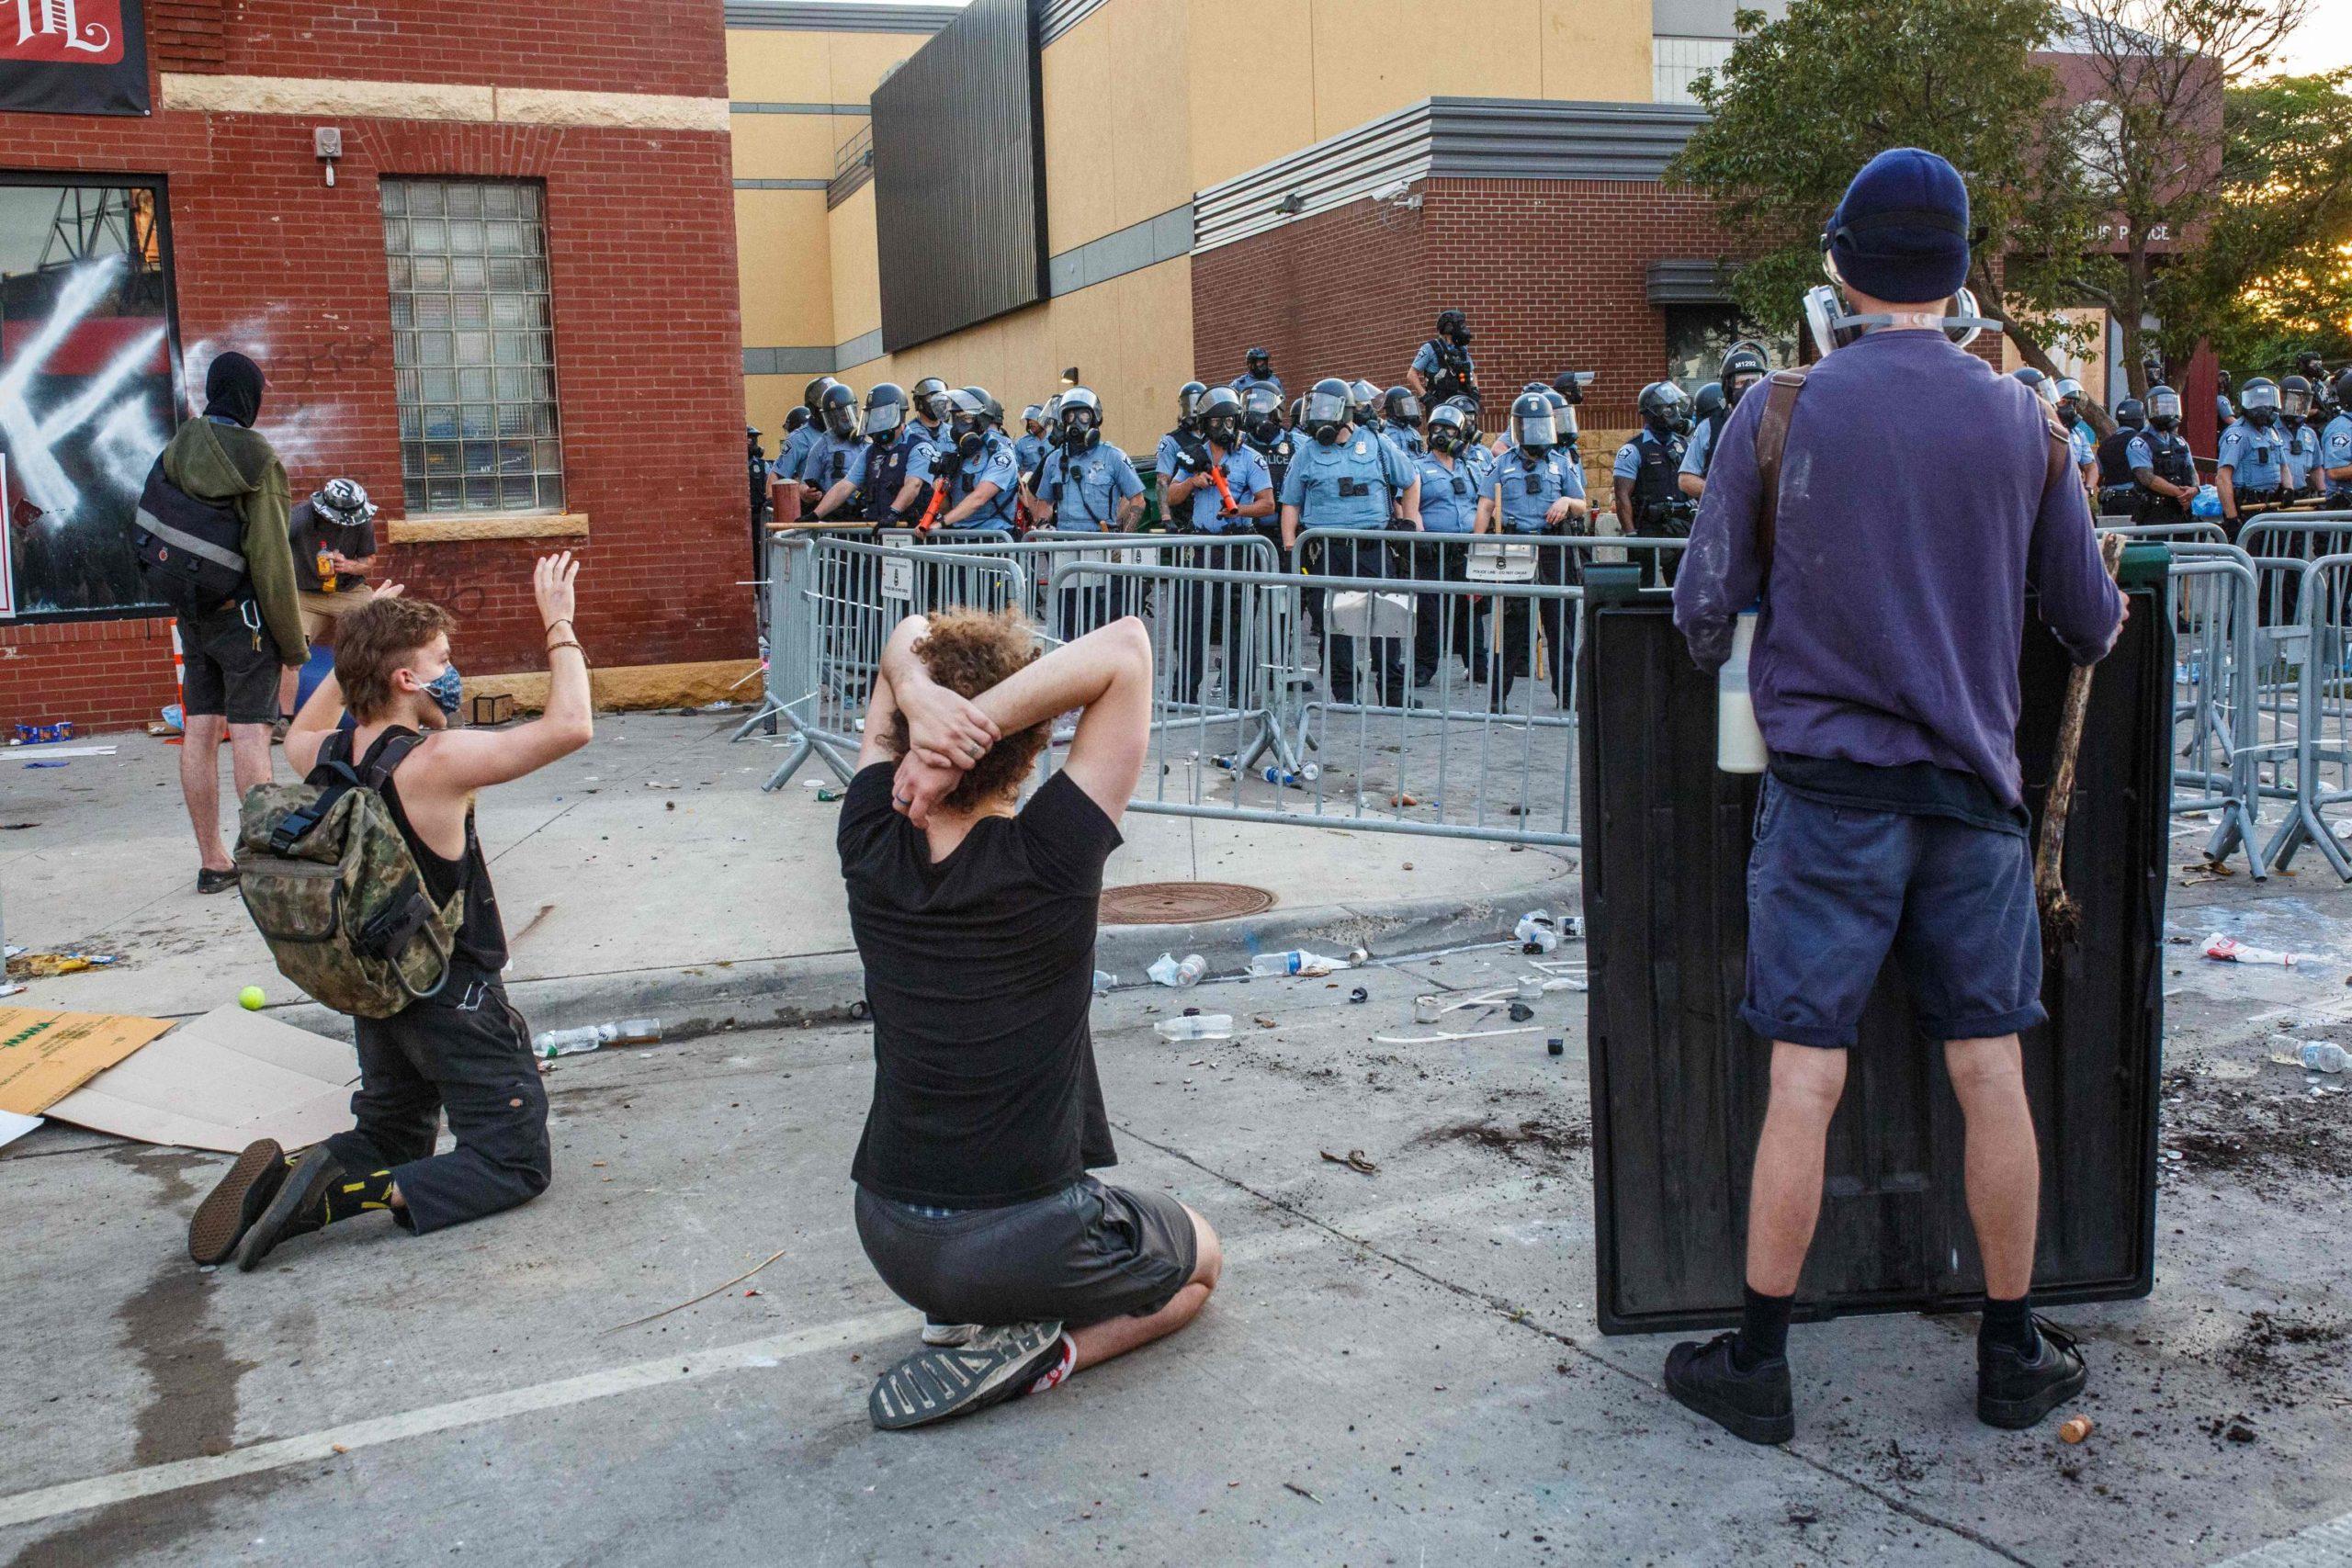 Alcuni manifestanti inginocchiati davanti alla polizia